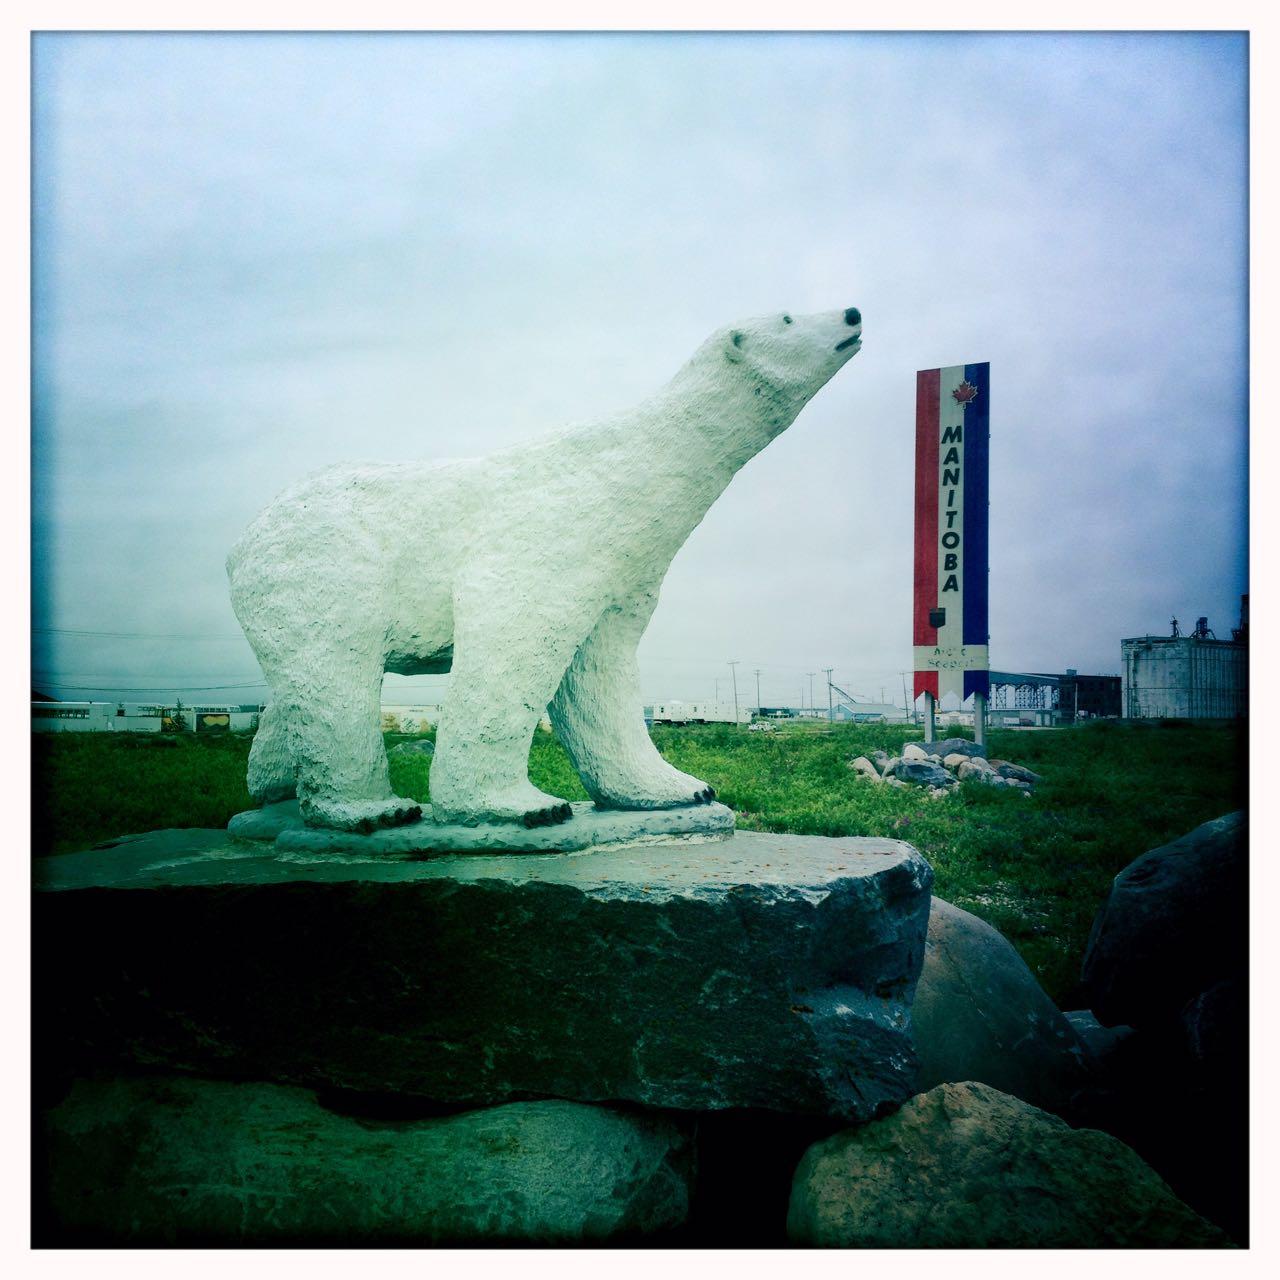 Denkmal für den Eisbär.